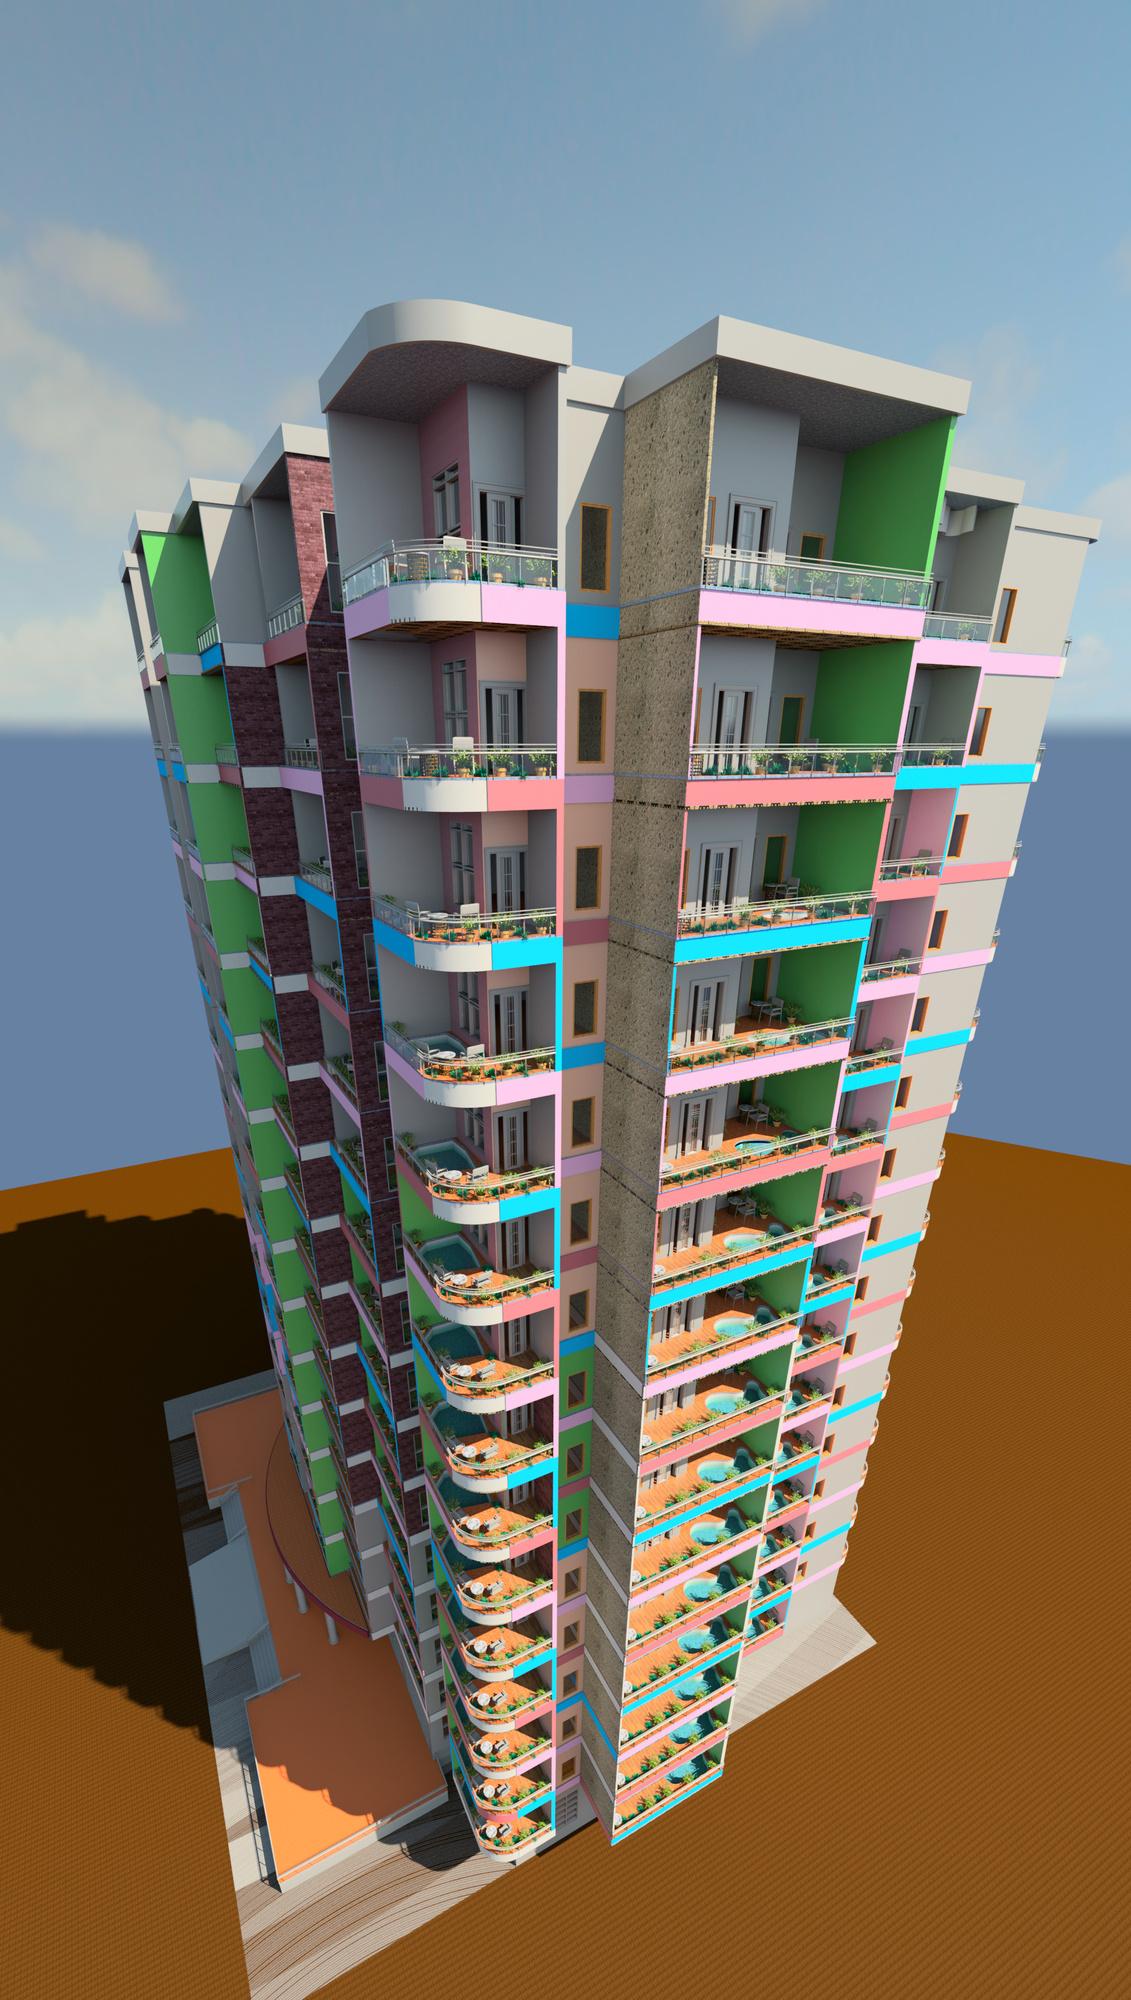 Raas-rendering20150529-18397-1quggx1